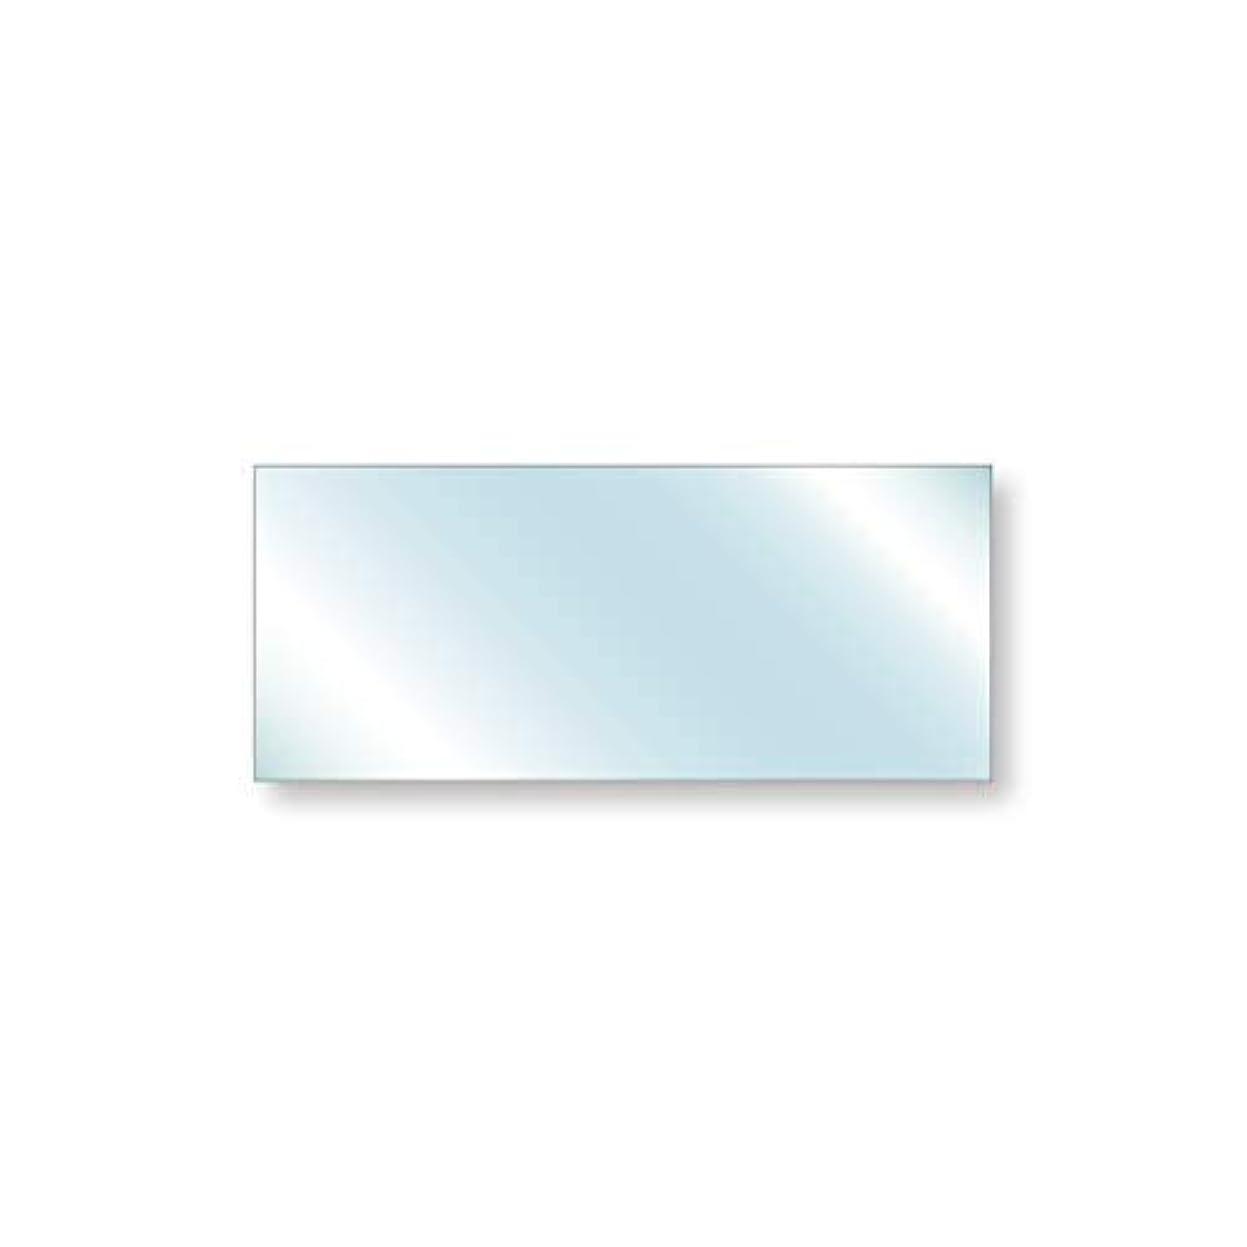 死んでいる確率効果的透明ガラス 厚み8mm 700×300mm 四角形 アラズリ サイズオーダー対応